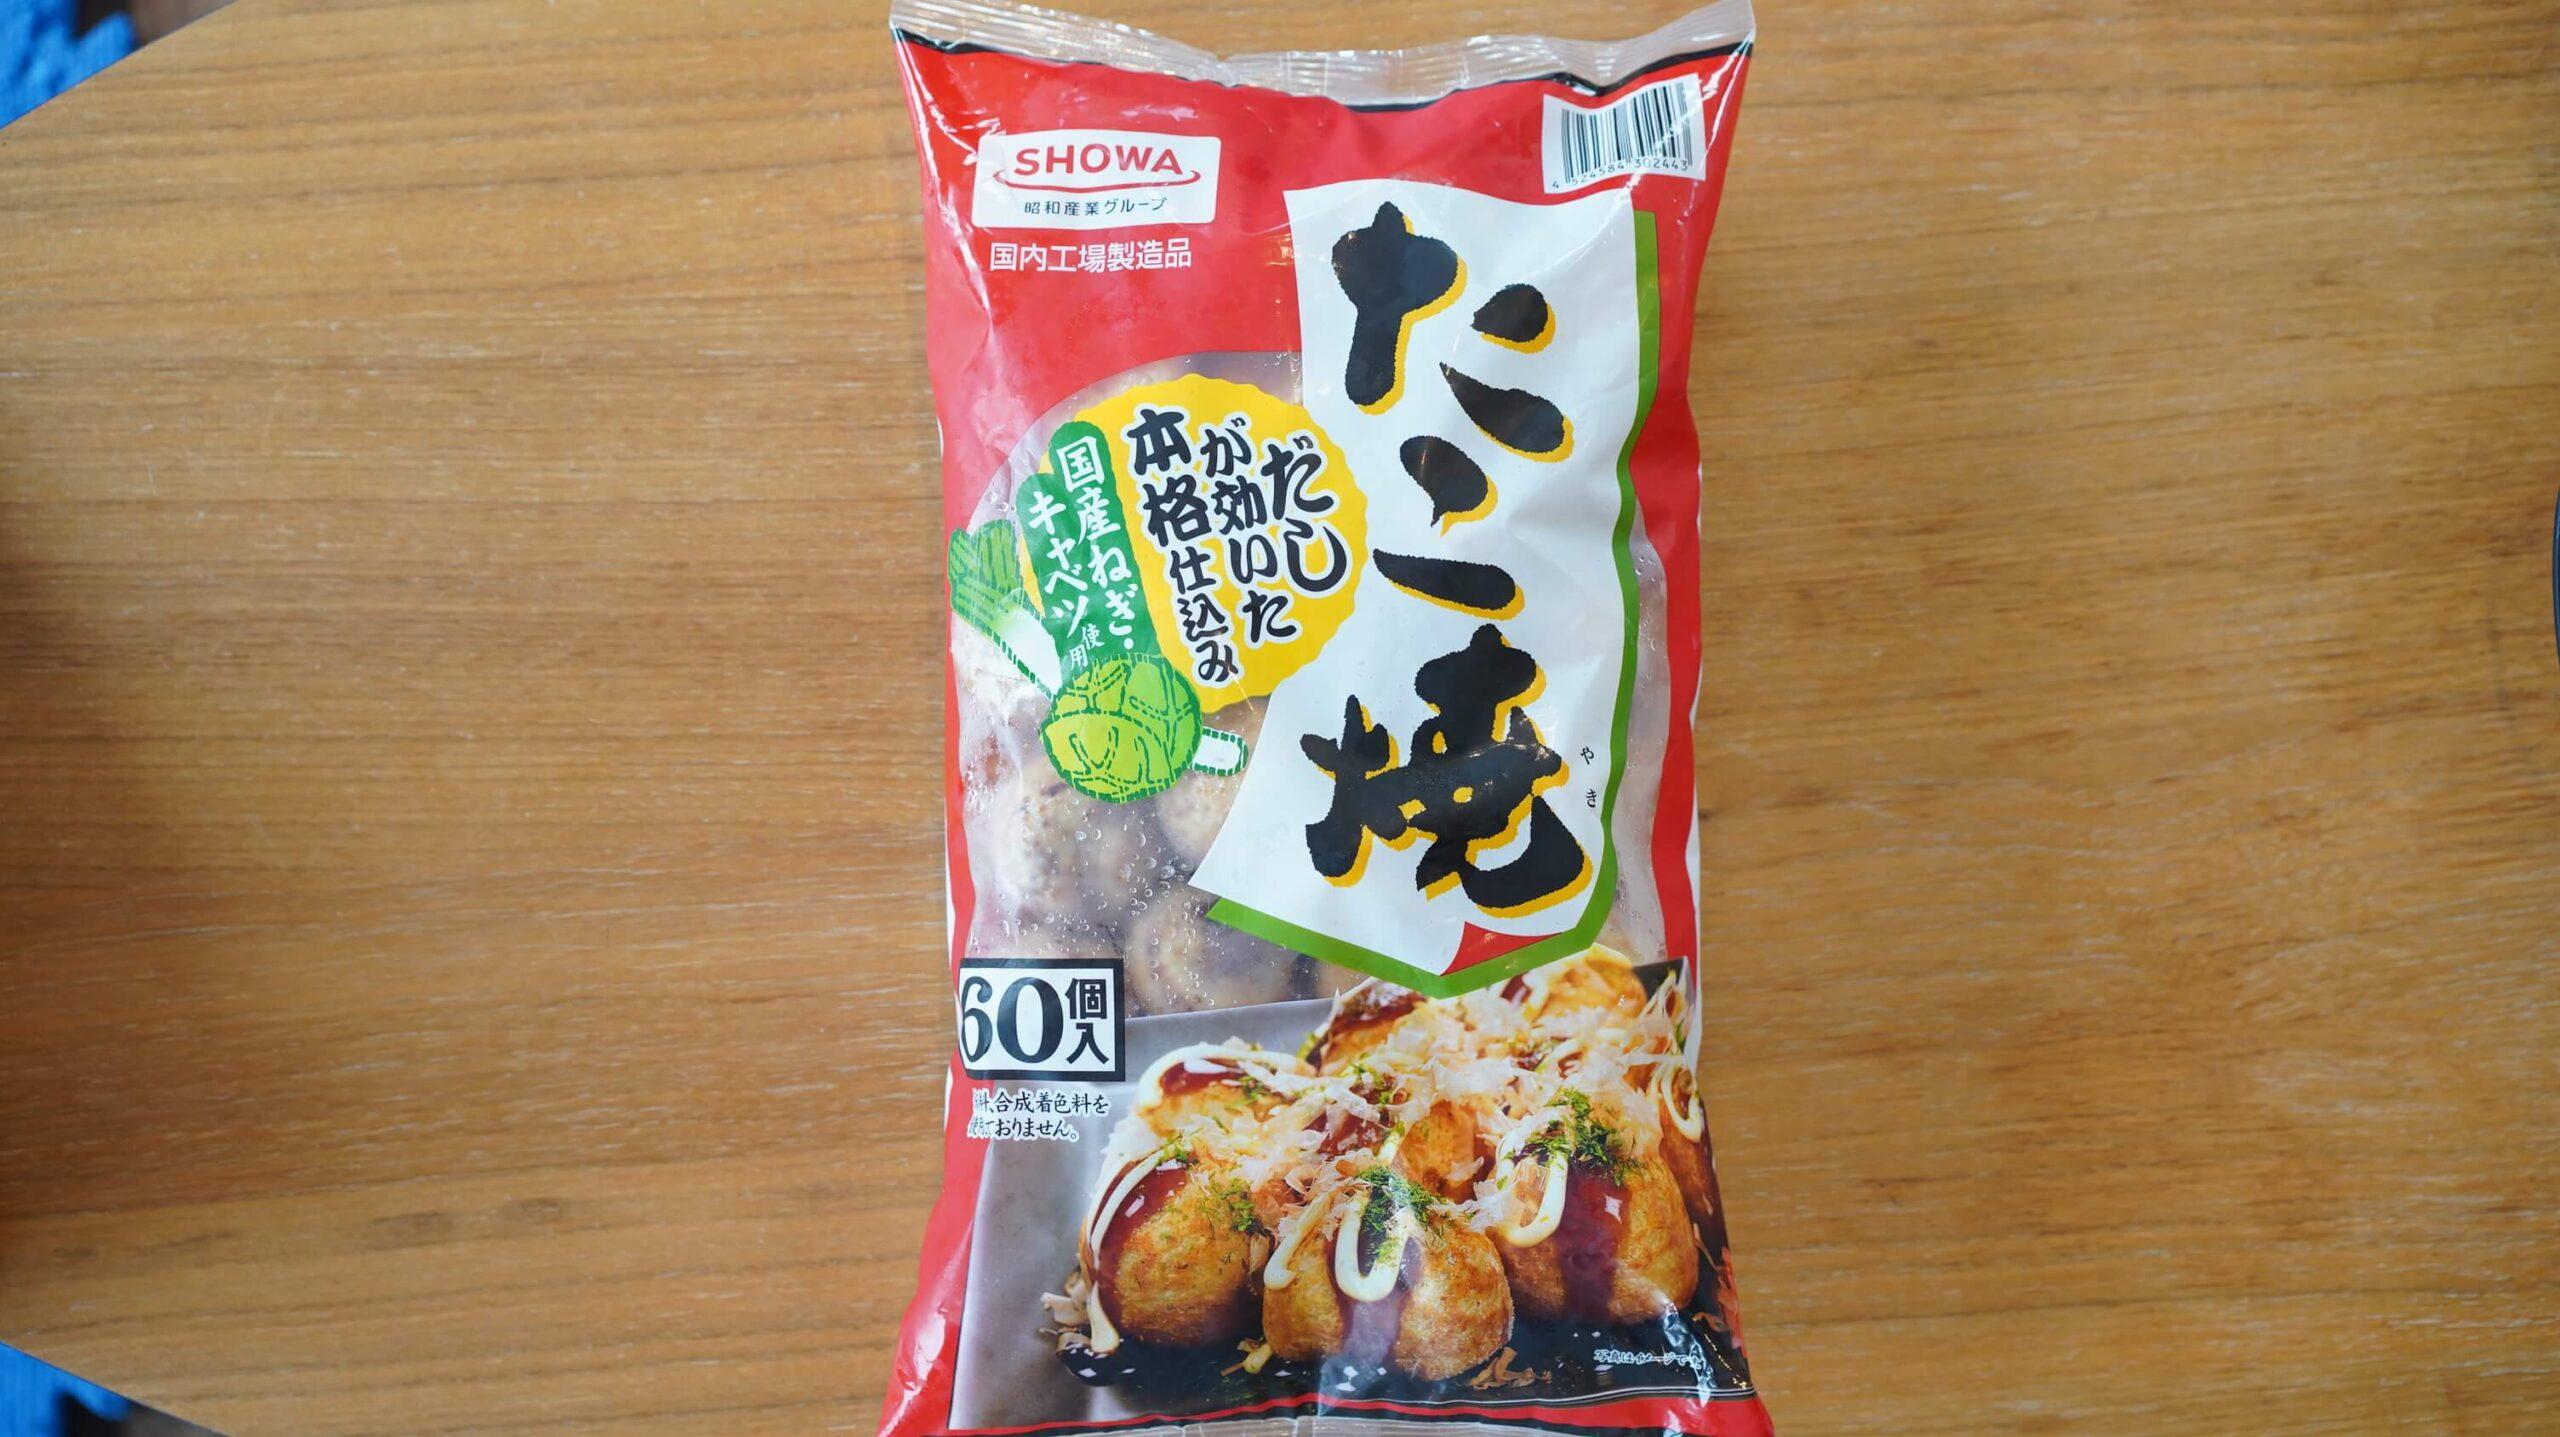 コストコの冷凍食品「たこ焼き」のパッケージ写真